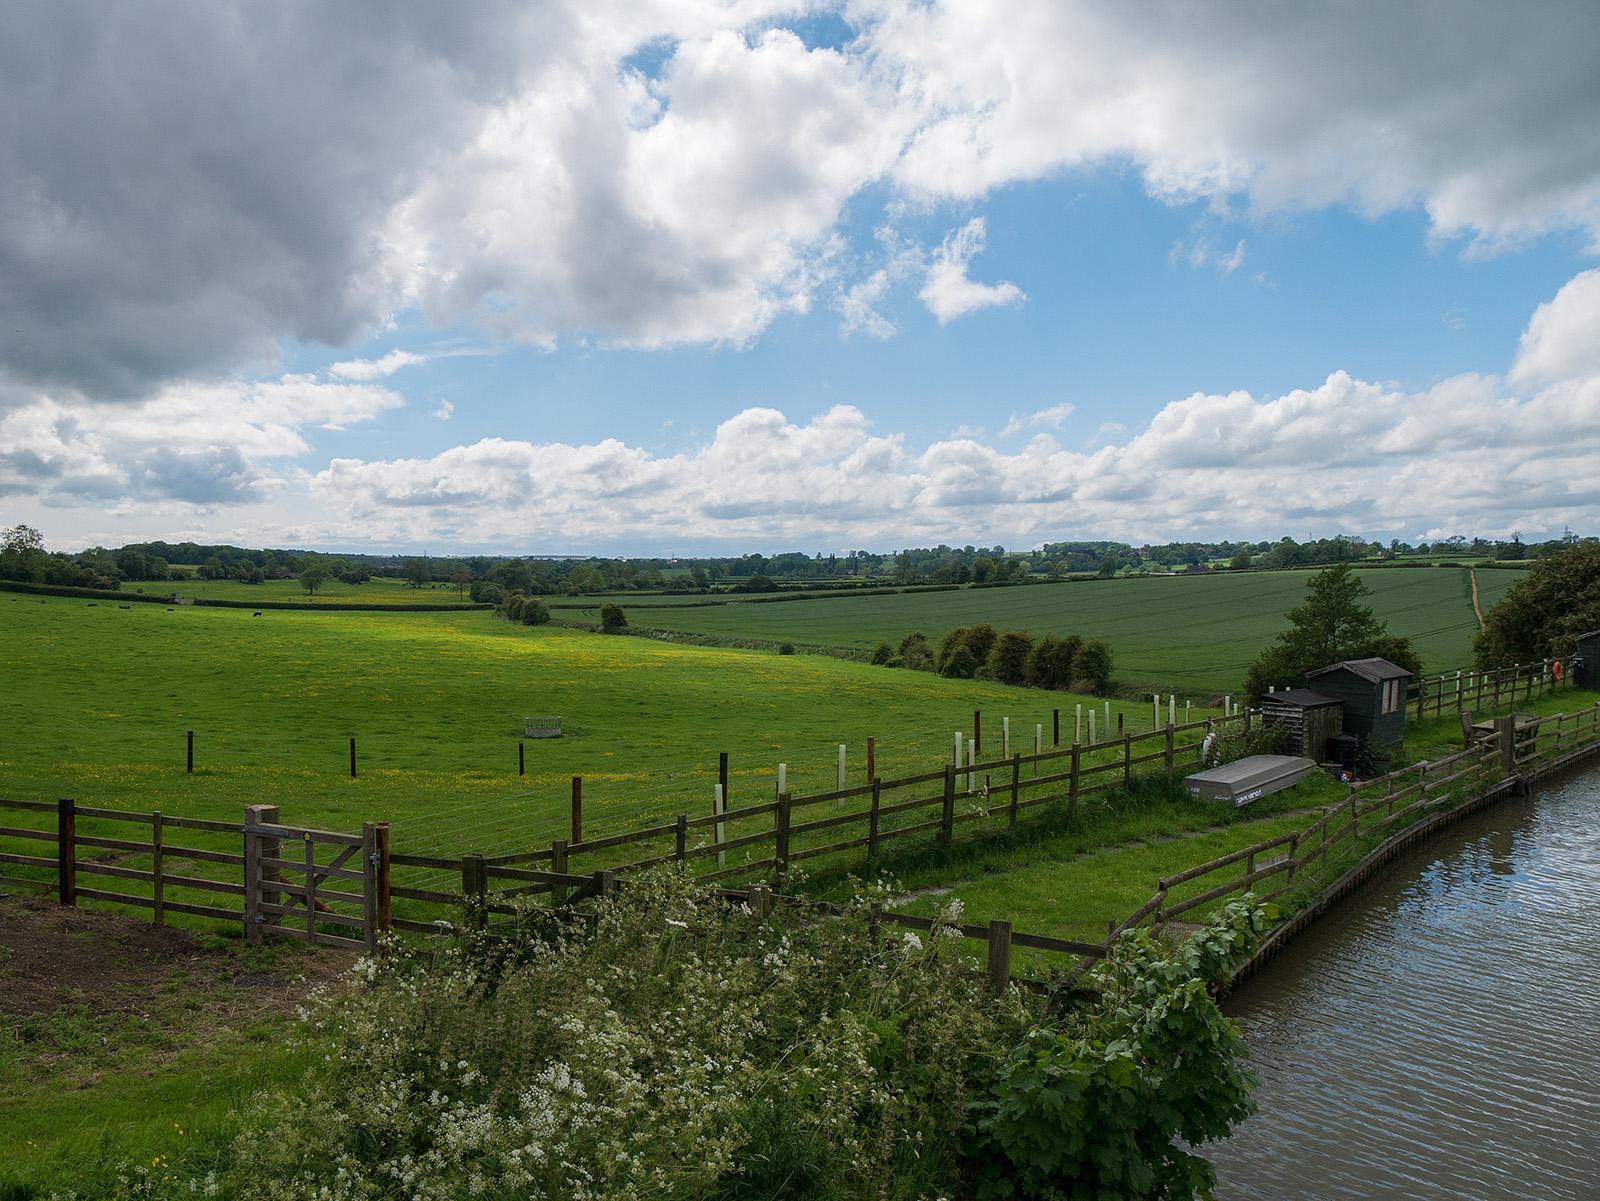 Nice countryside